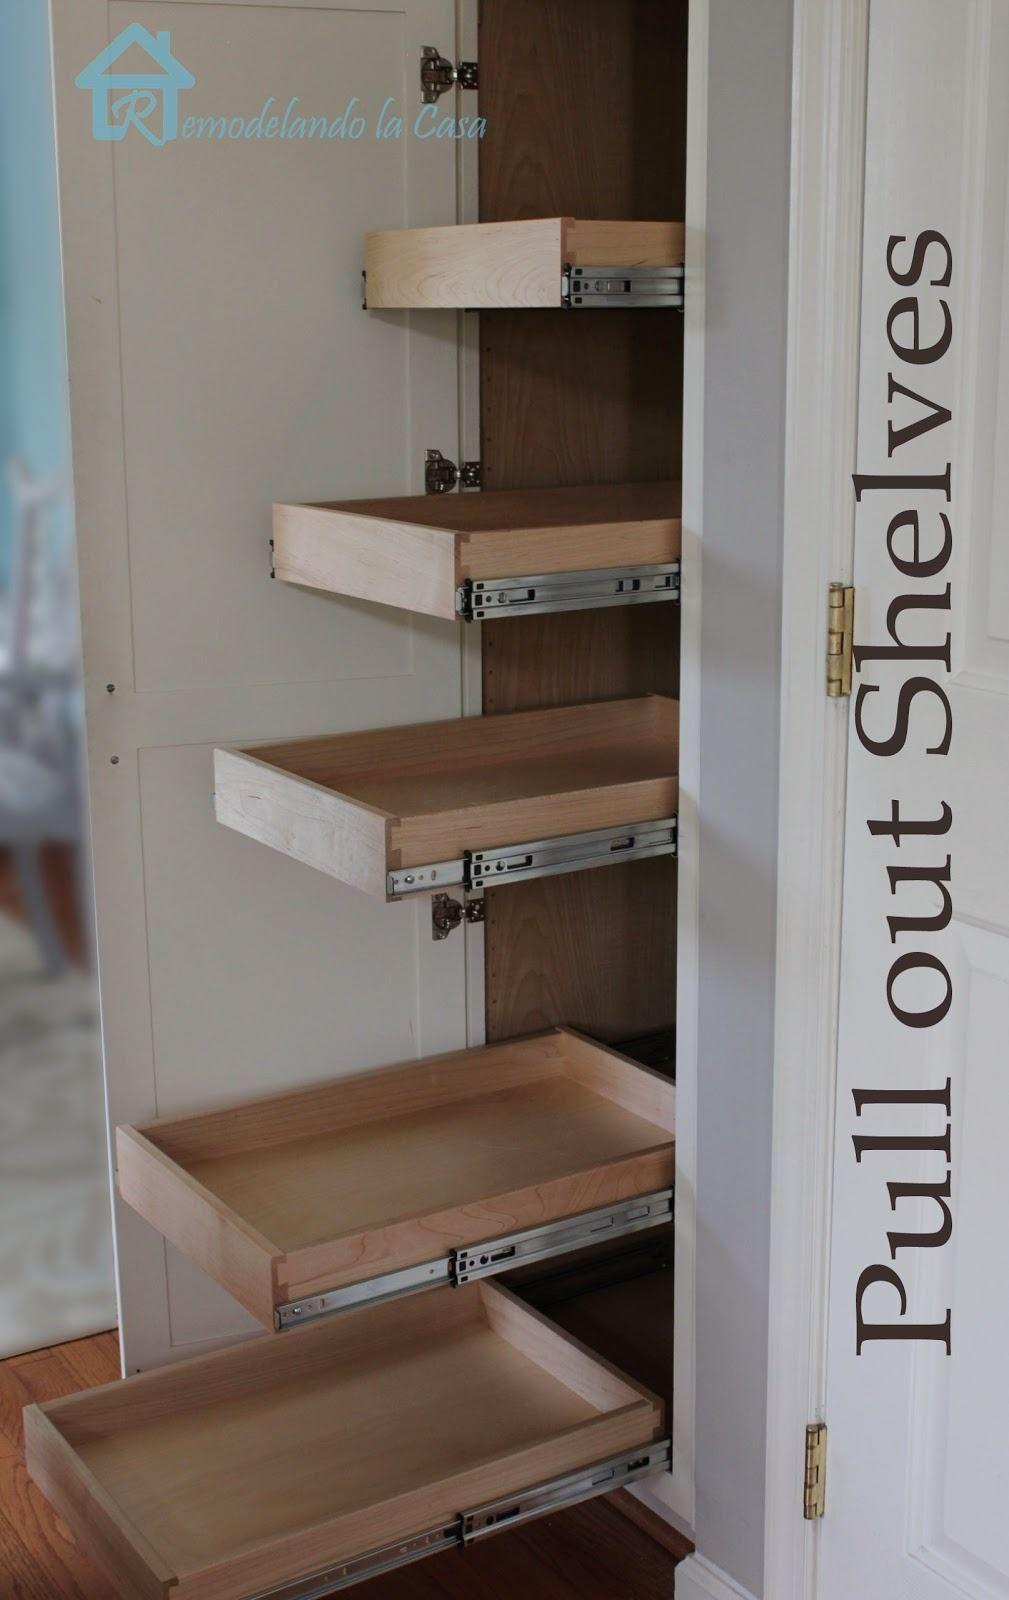 Cheap Home Improvement Ideas Pinterest Almacenamiento Muebles